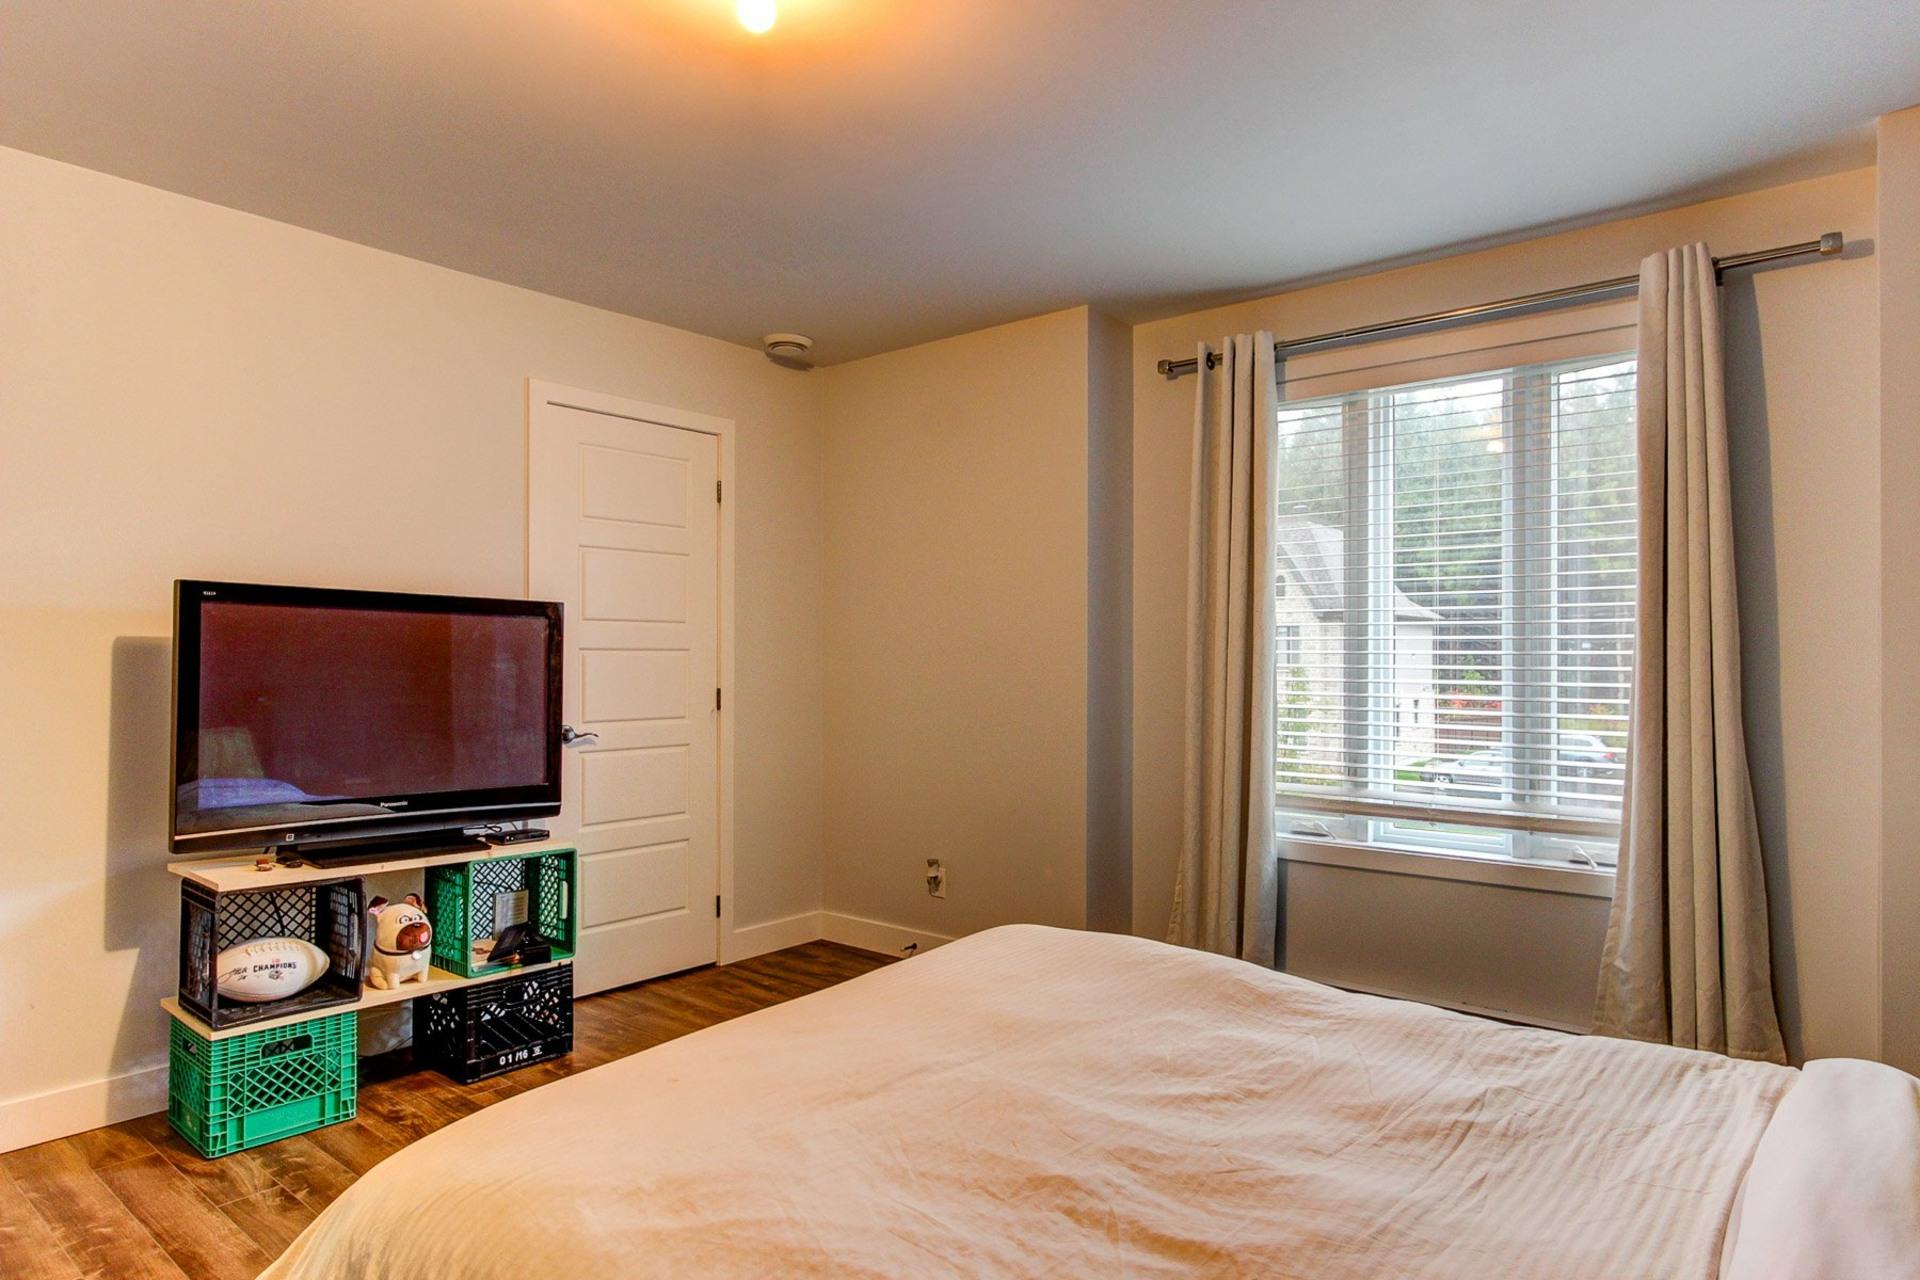 image 14 - Appartement À vendre Trois-Rivières - 7 pièces